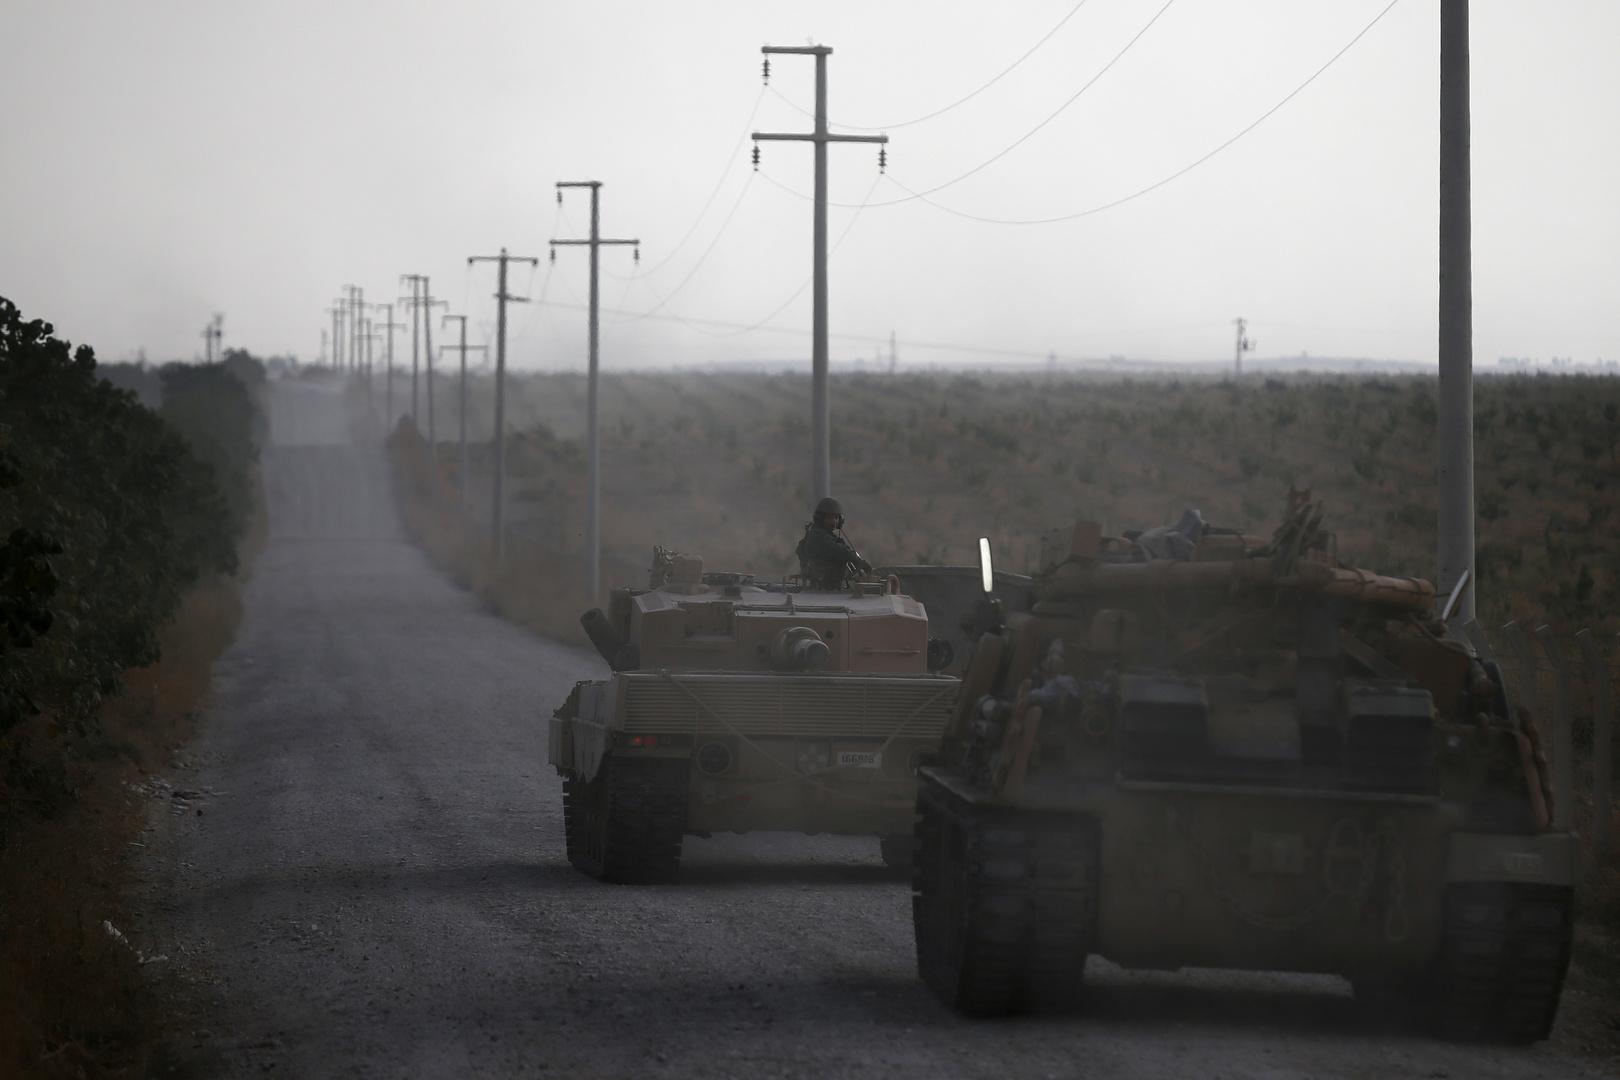 وزارة الدفاع التركية: تحييد 10 إرهابيين في منطقة